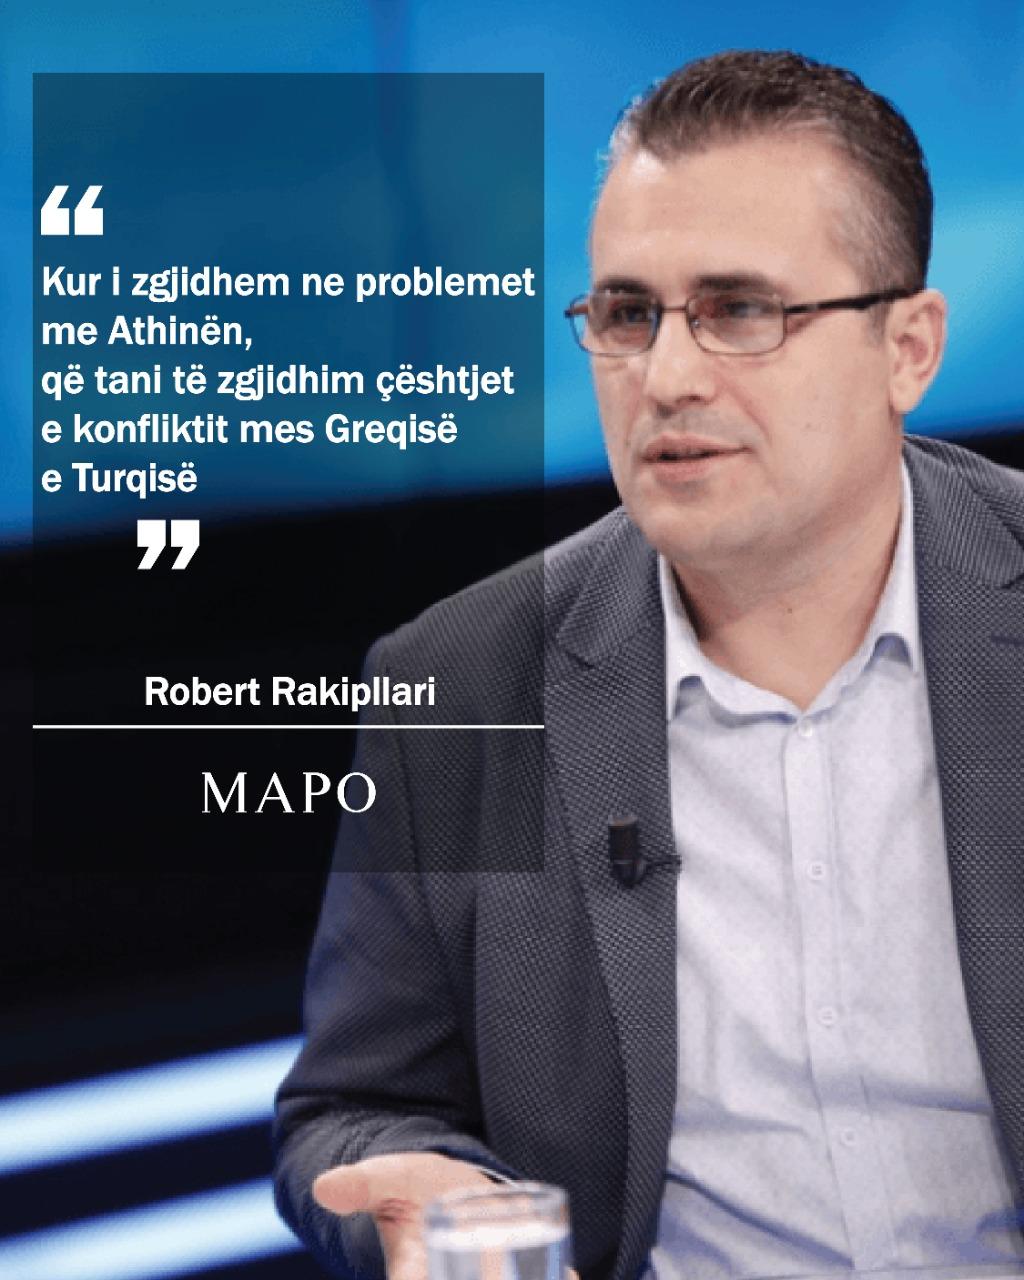 Rakipllari: Kur i zgjidhëm ne problemet me Athinën